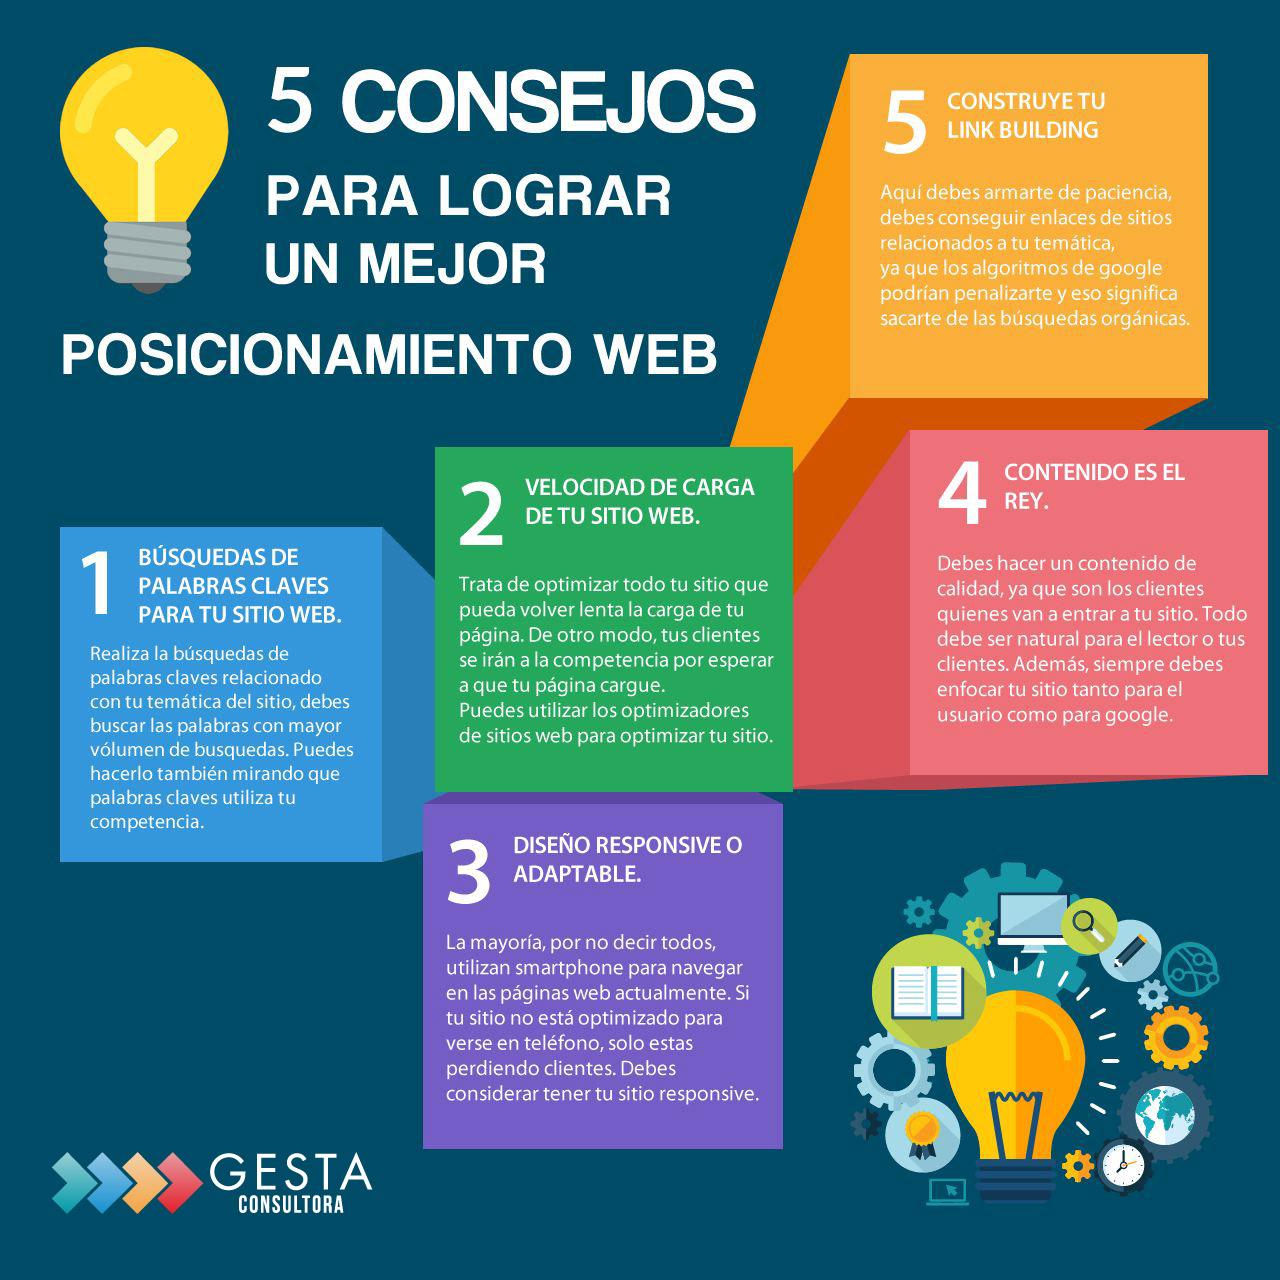 Comunicación, posicionamiento web, posicionar, recursos humanos, rrhh